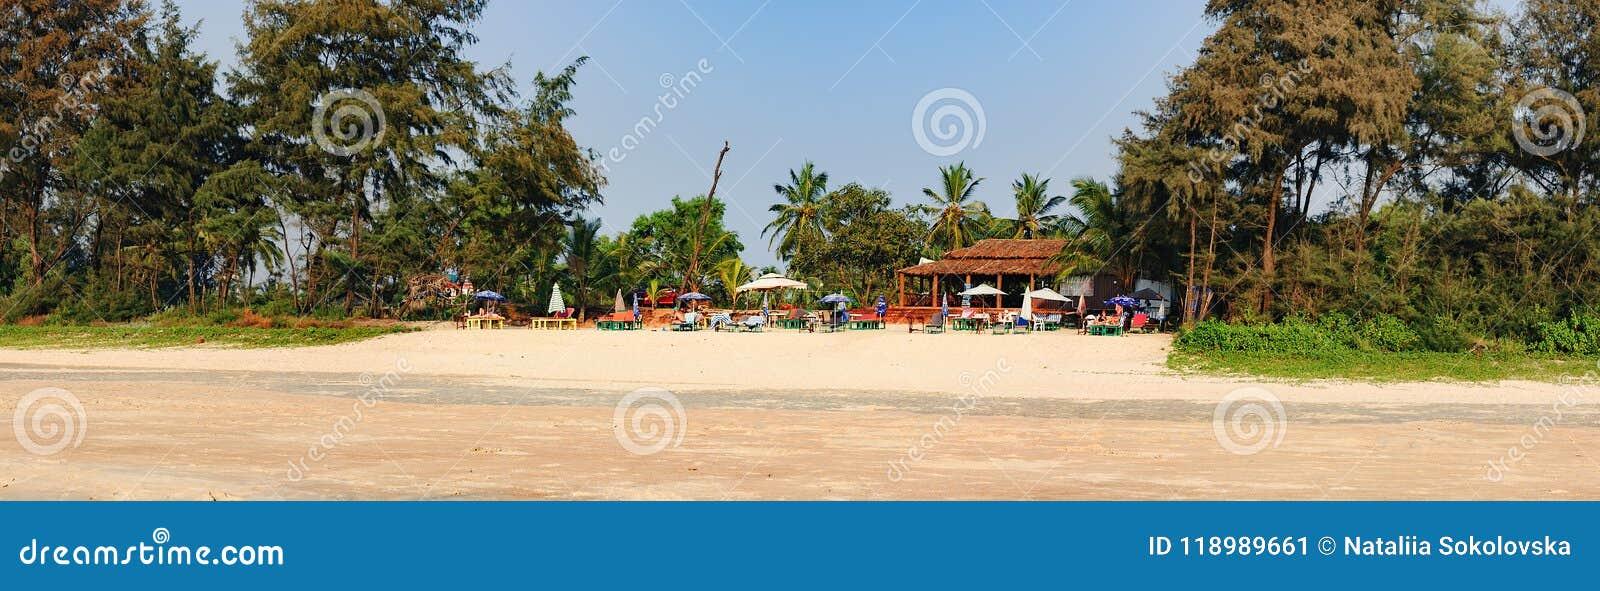 Panorama plaża, Południowy Goa, India